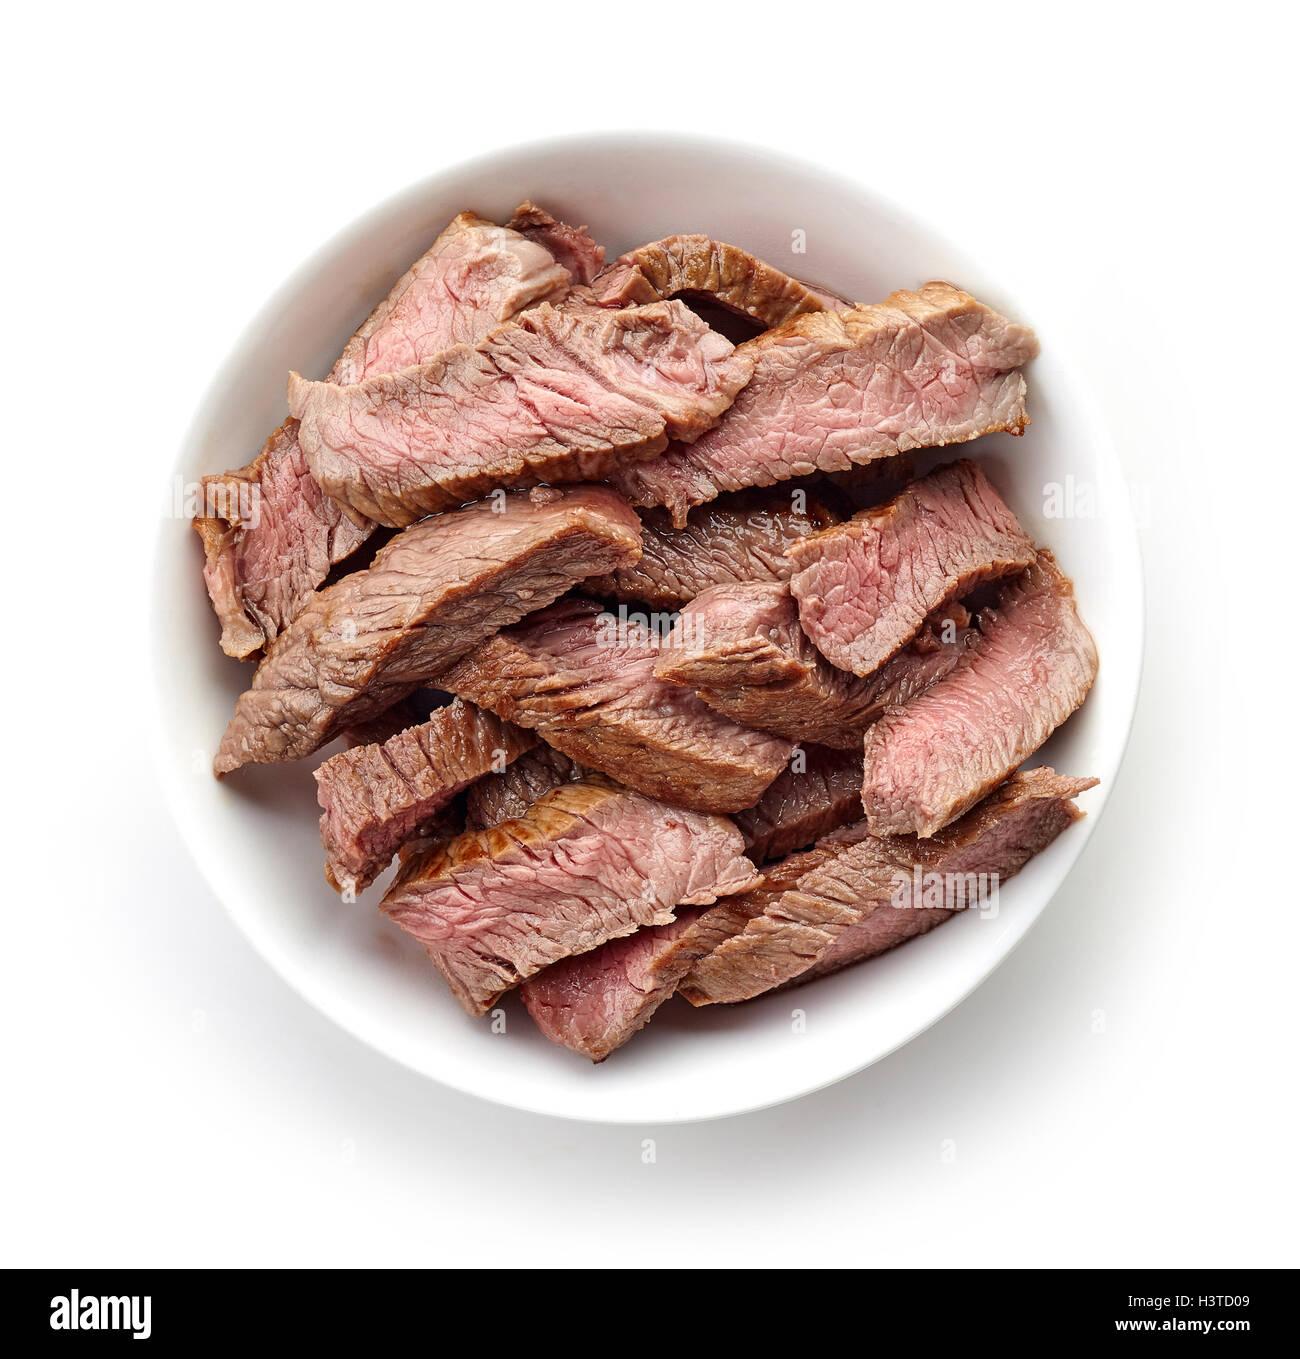 Bol de tranches de bœuf grillé isolé sur fond blanc, vue du dessus Photo Stock